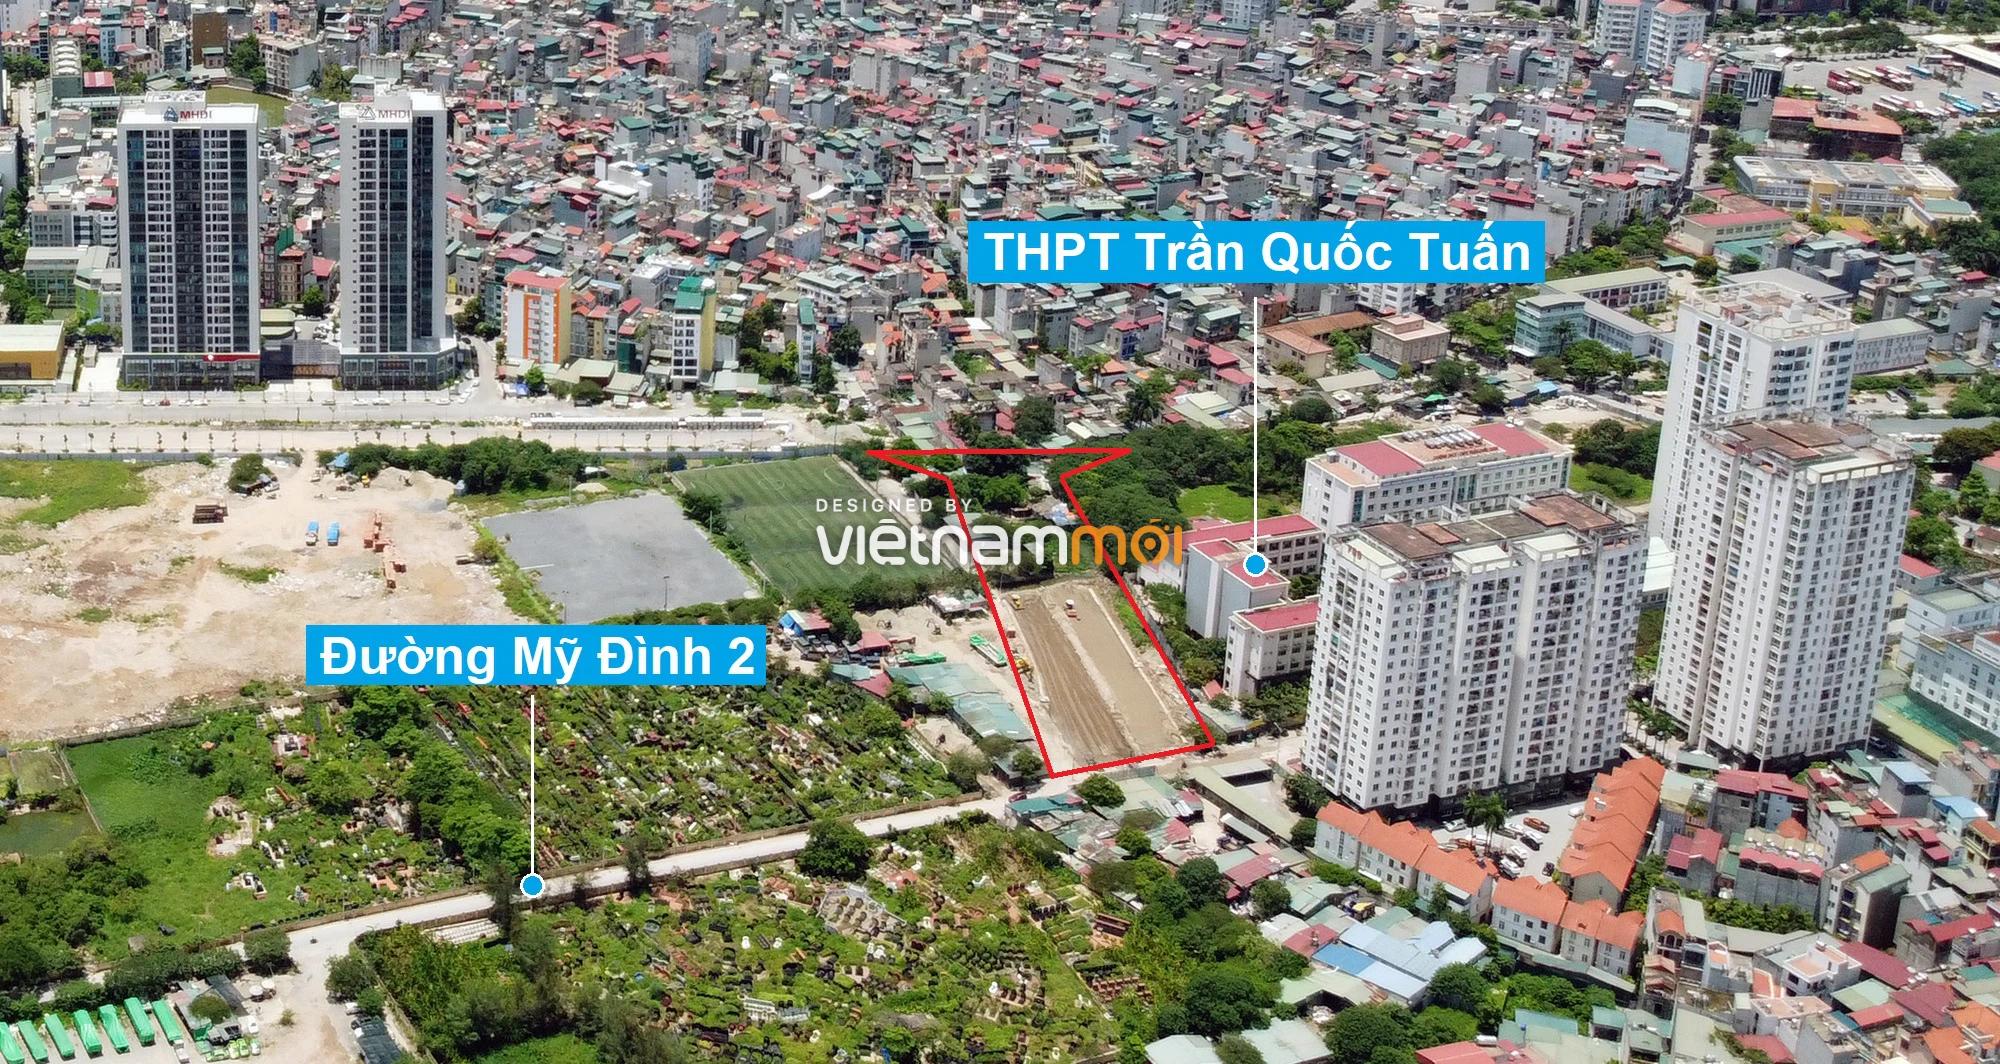 Những khu đất sắp thu hồi để mở đường ở phường Mỹ Đình 2, Nam Từ Liêm, Hà Nội (phần 1) - Ảnh 11.